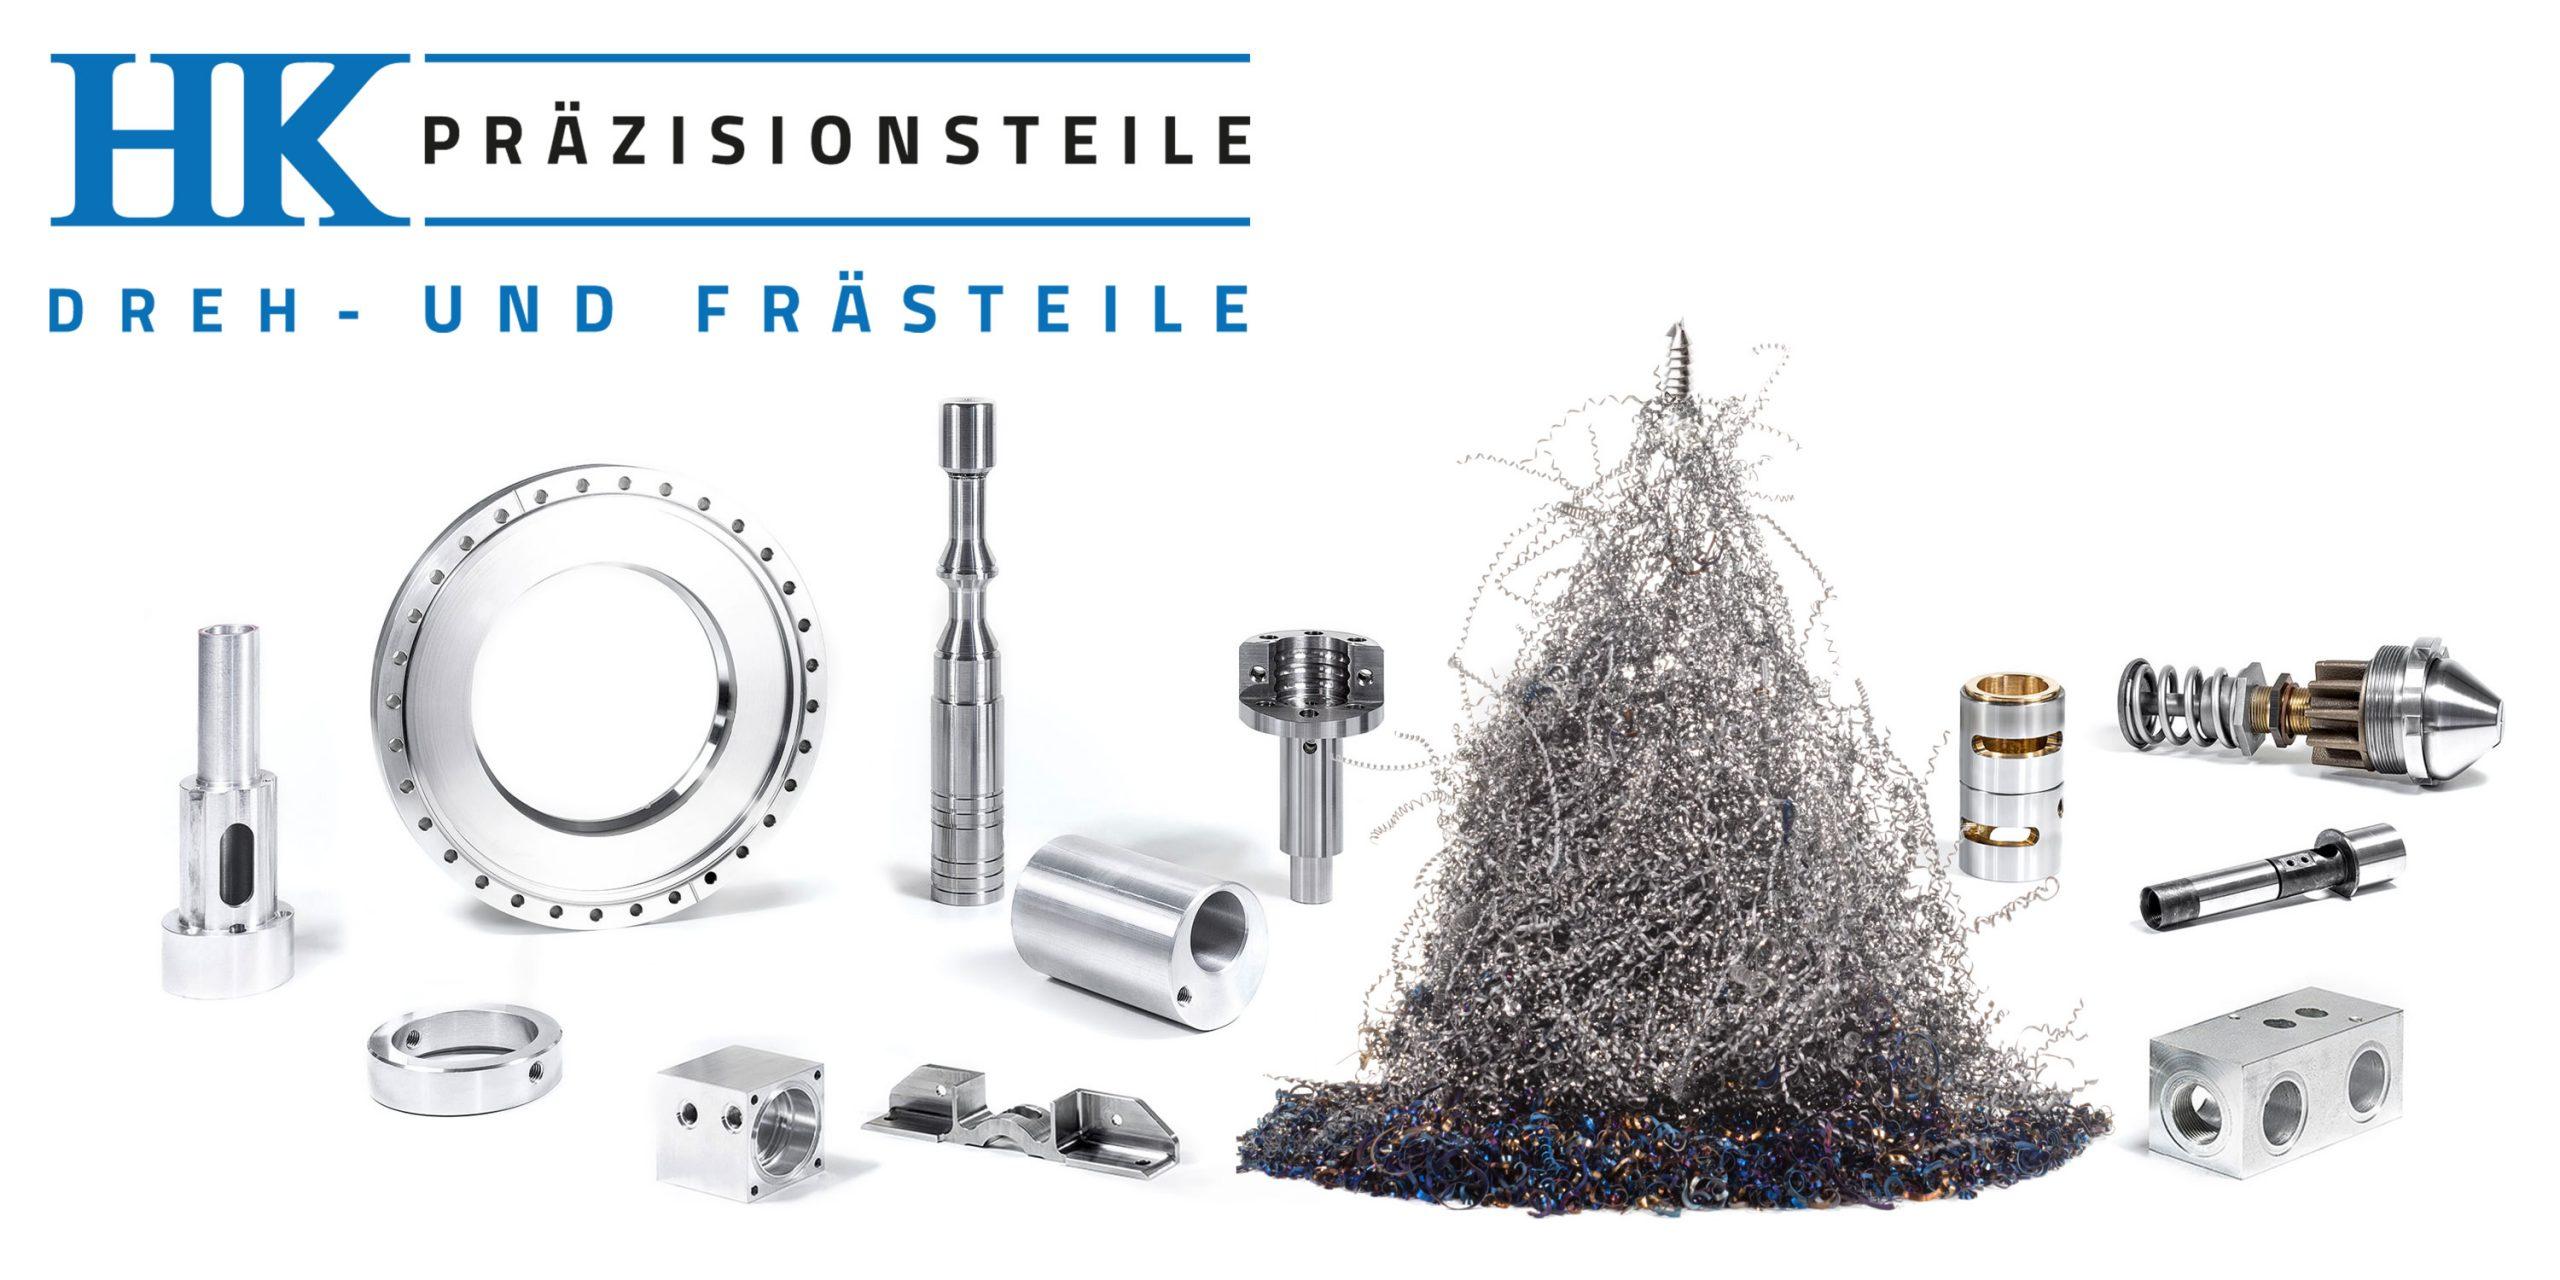 Das Unternehmen HK Präzisionsteile GmbH wünscht frohe Weihnachten.